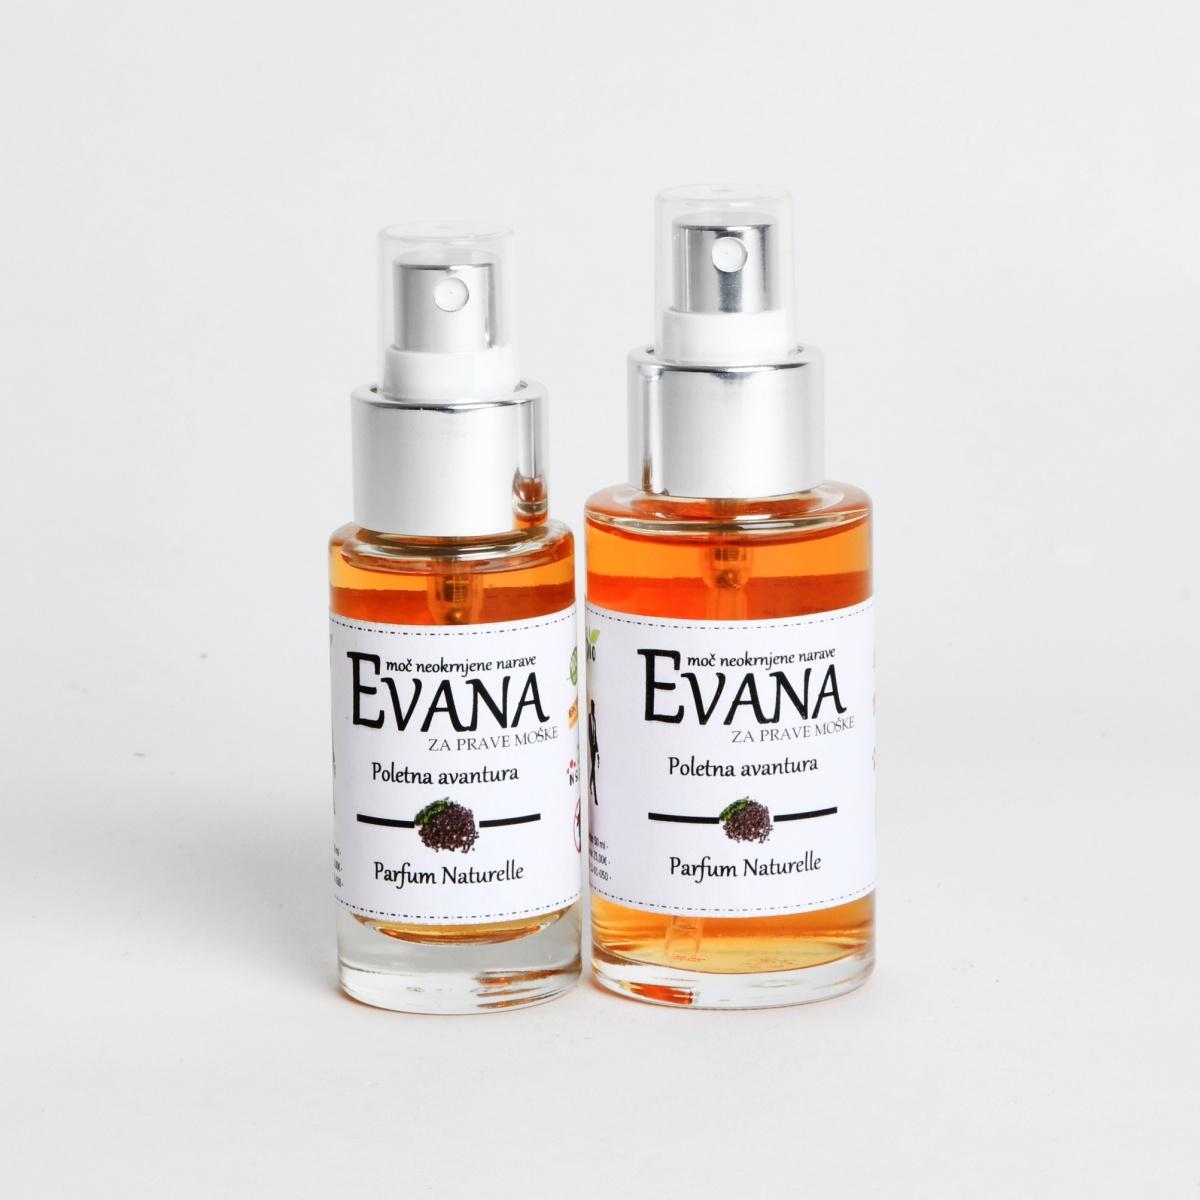 BIO parfum naturelle 07 11 01 030